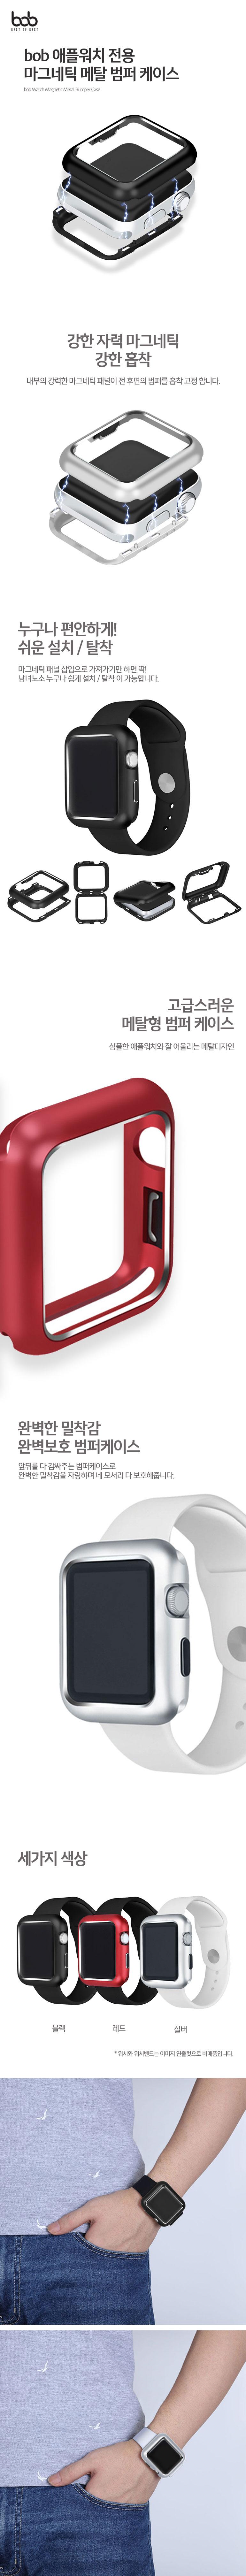 bob 애플워치 전용 마그네틱 메탈 범퍼케이스 1 2 3 4 5 전세대 호환 - 비오비, 11,000원, 스마트워치/밴드, 스마트워치 주변기기